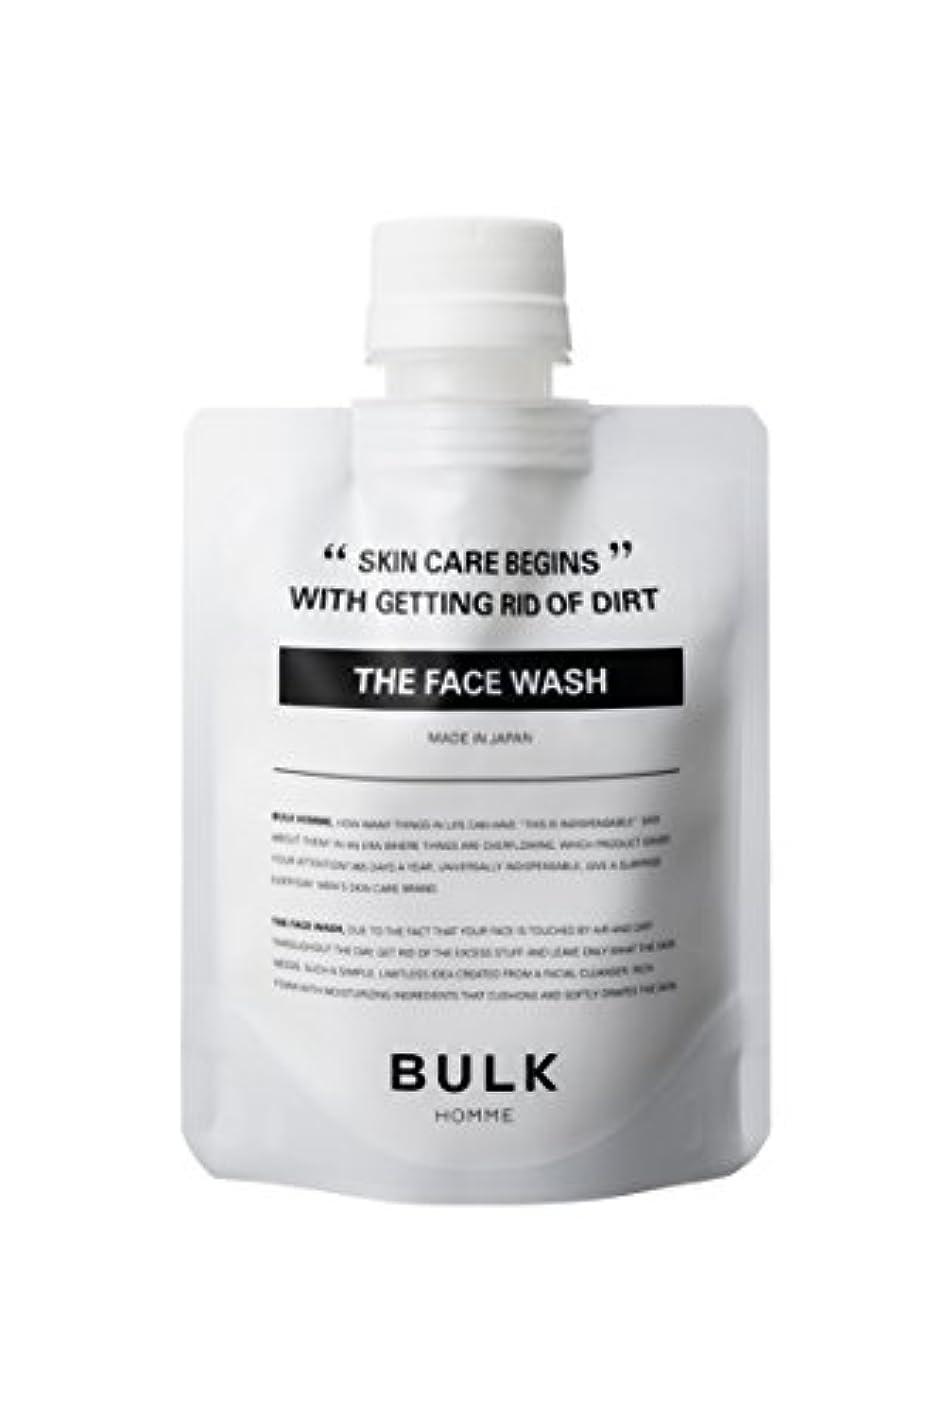 寸前月曜日テストBULK HOMME THE FACE WASH 洗顔料 100g